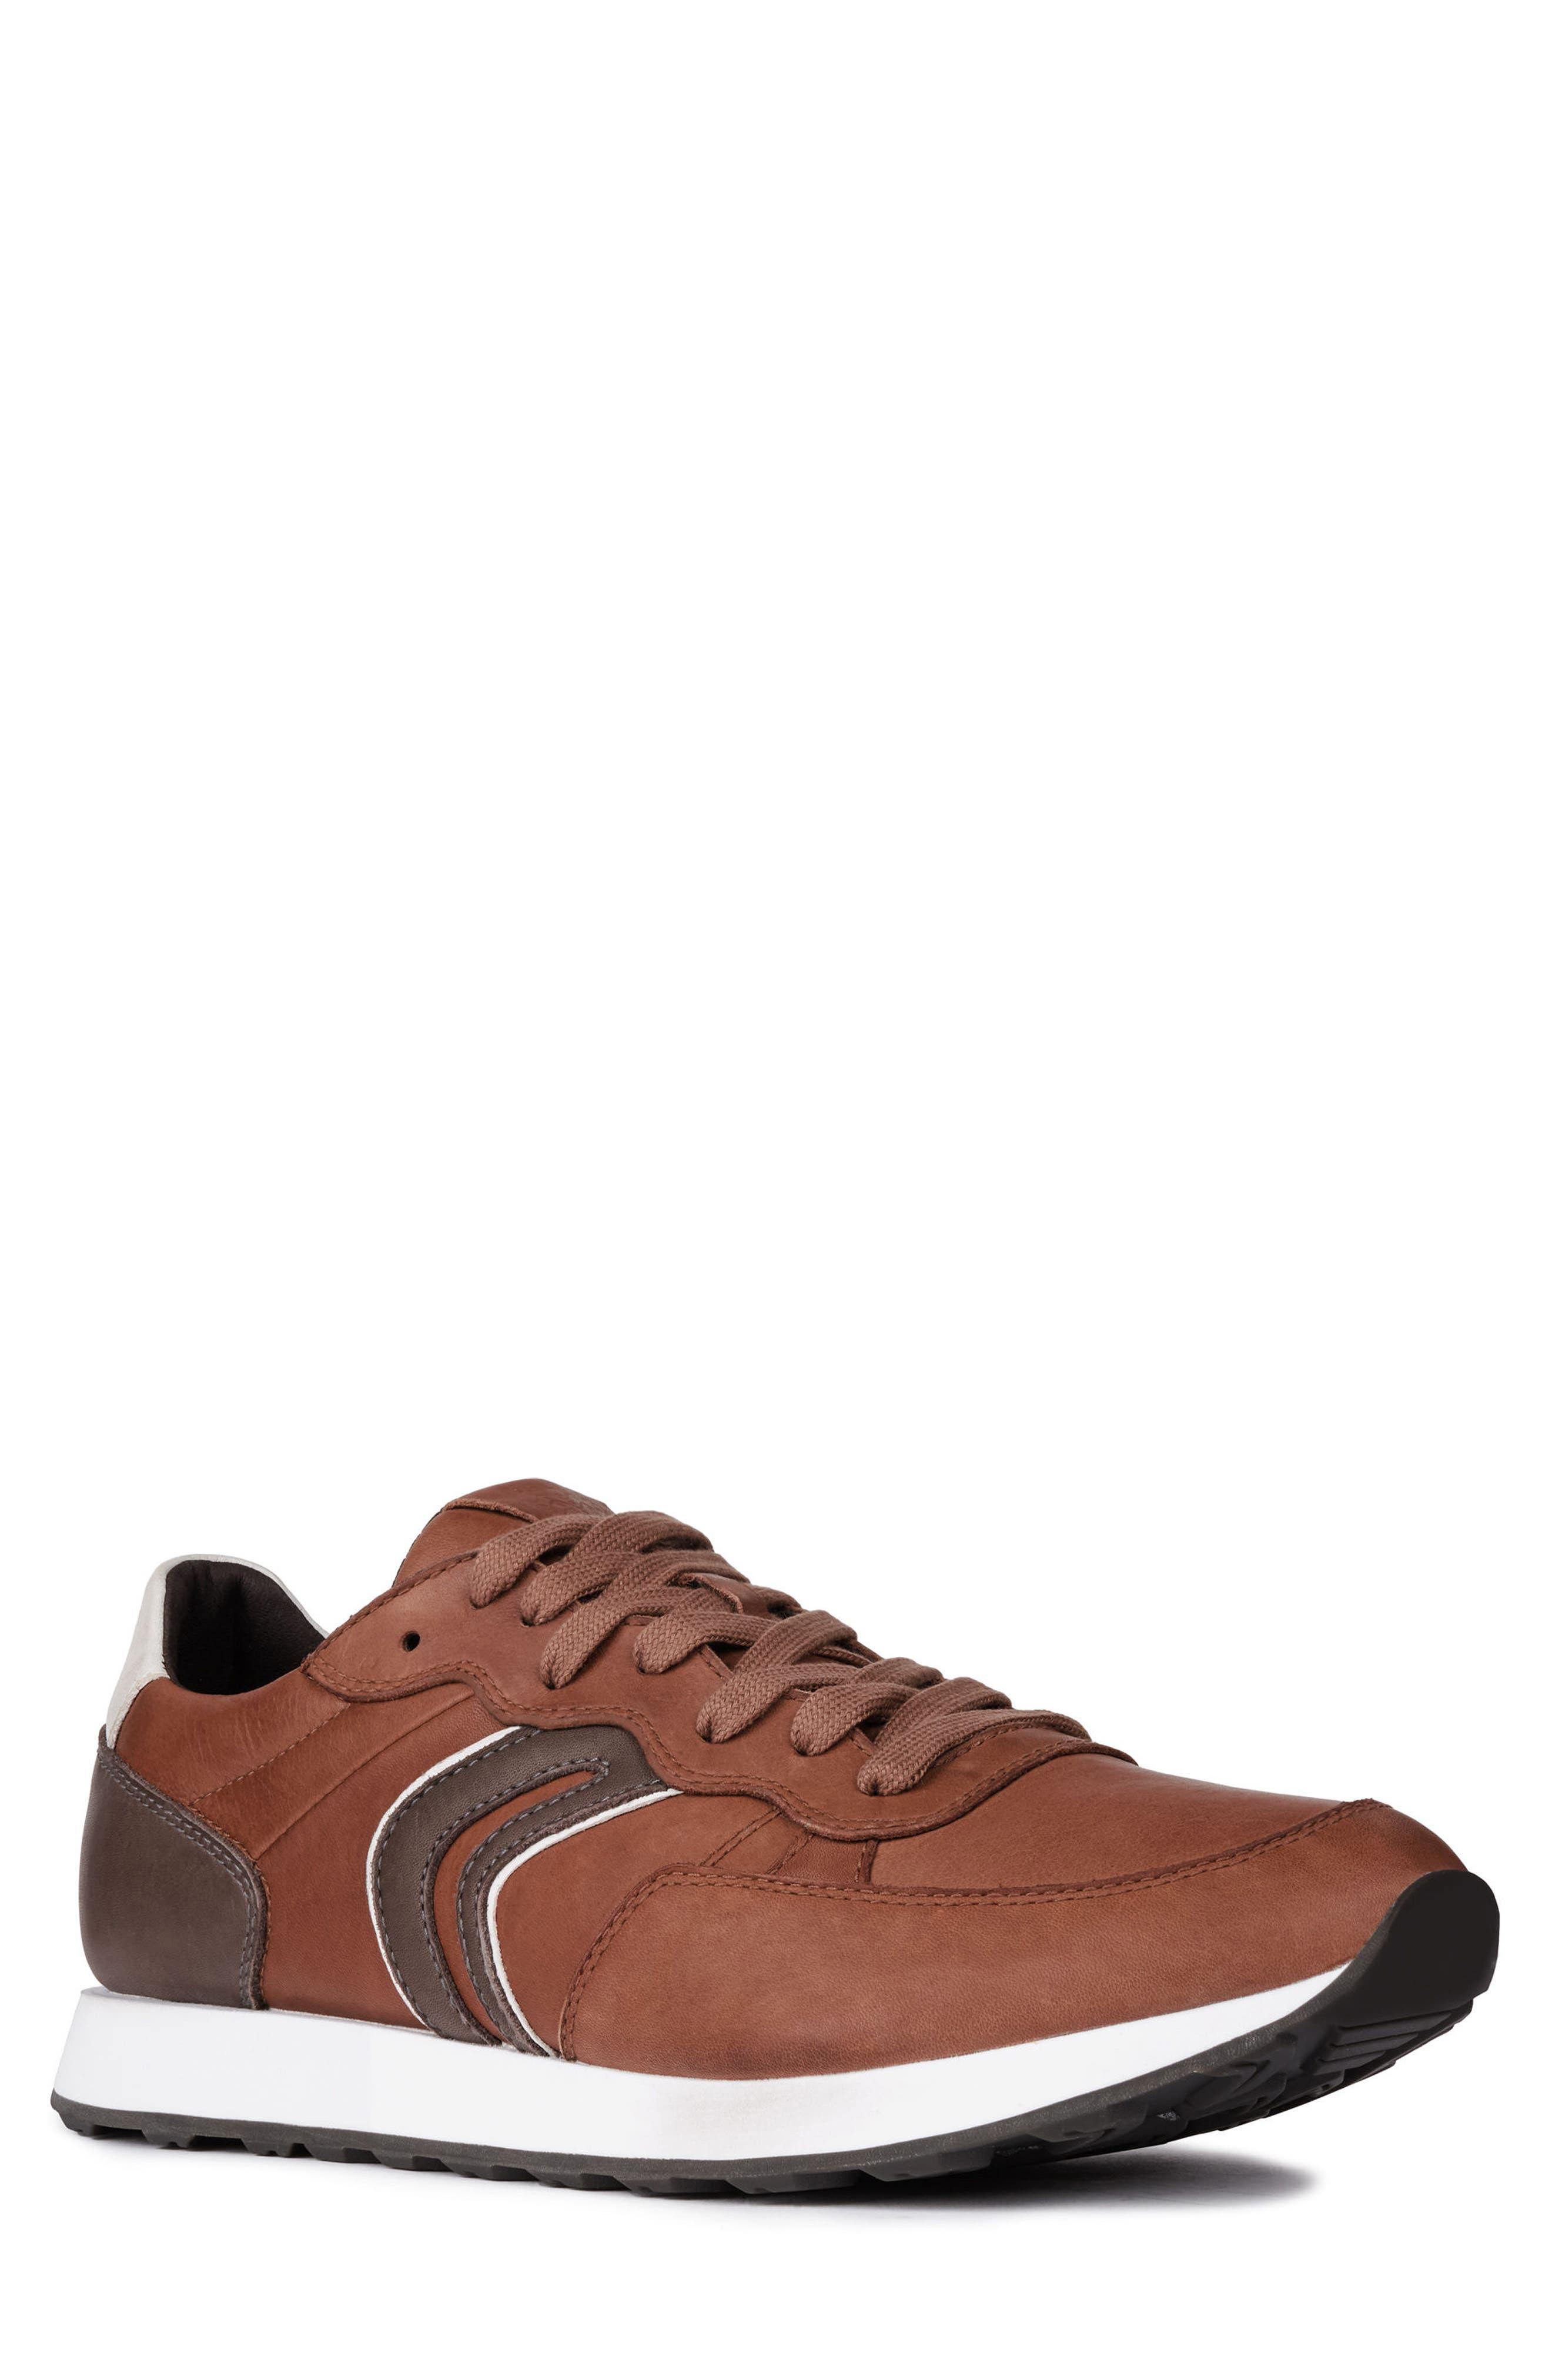 Geox Vincint 1 Sneaker, Brown